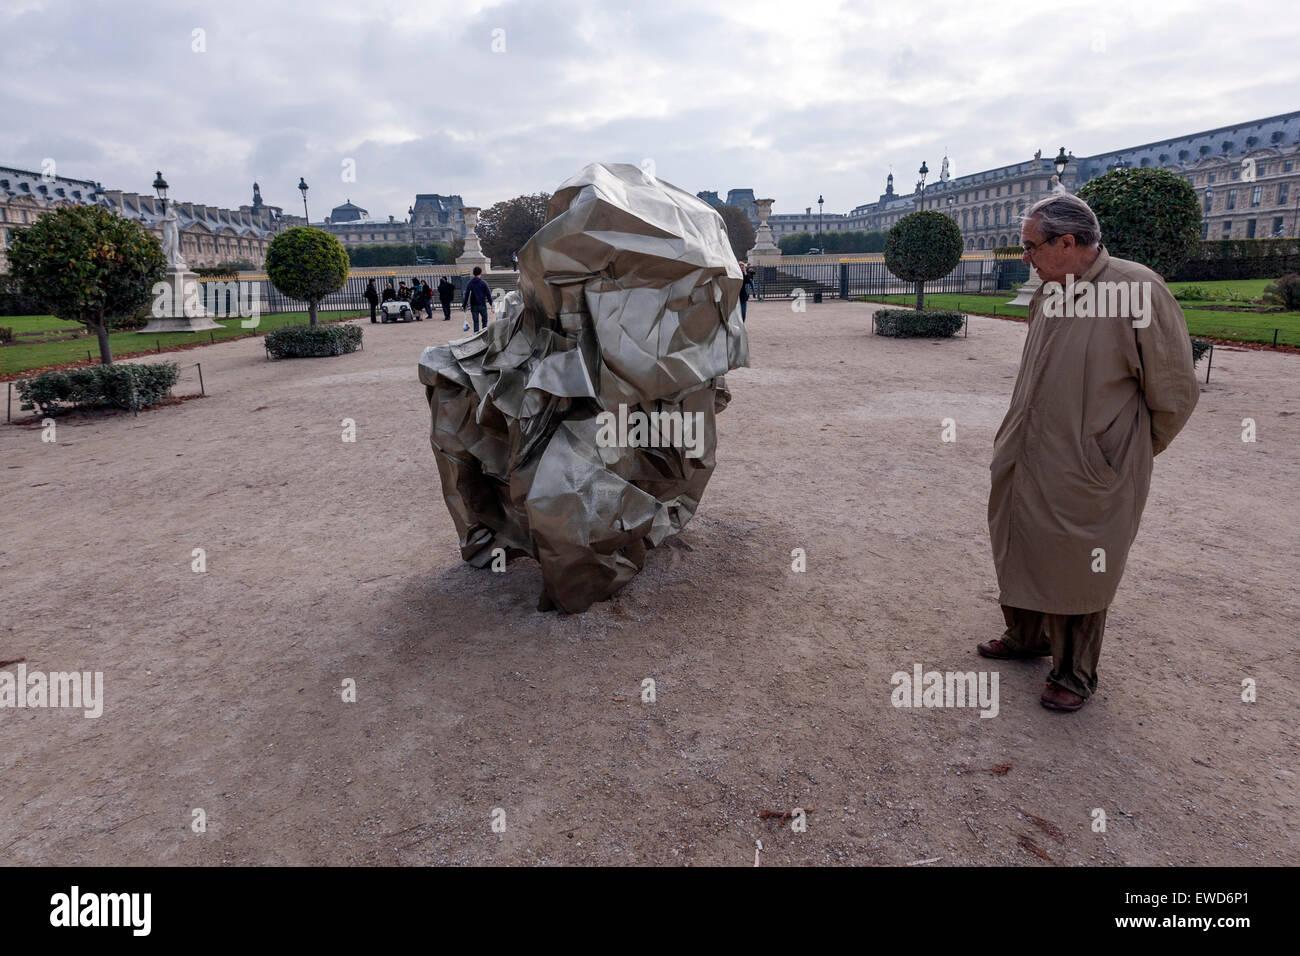 L'observation de l'homme Wang Du Les Modes 2007 sculpture dans le jardin des Tuileries, Jardin des Tuileries, Photo Stock